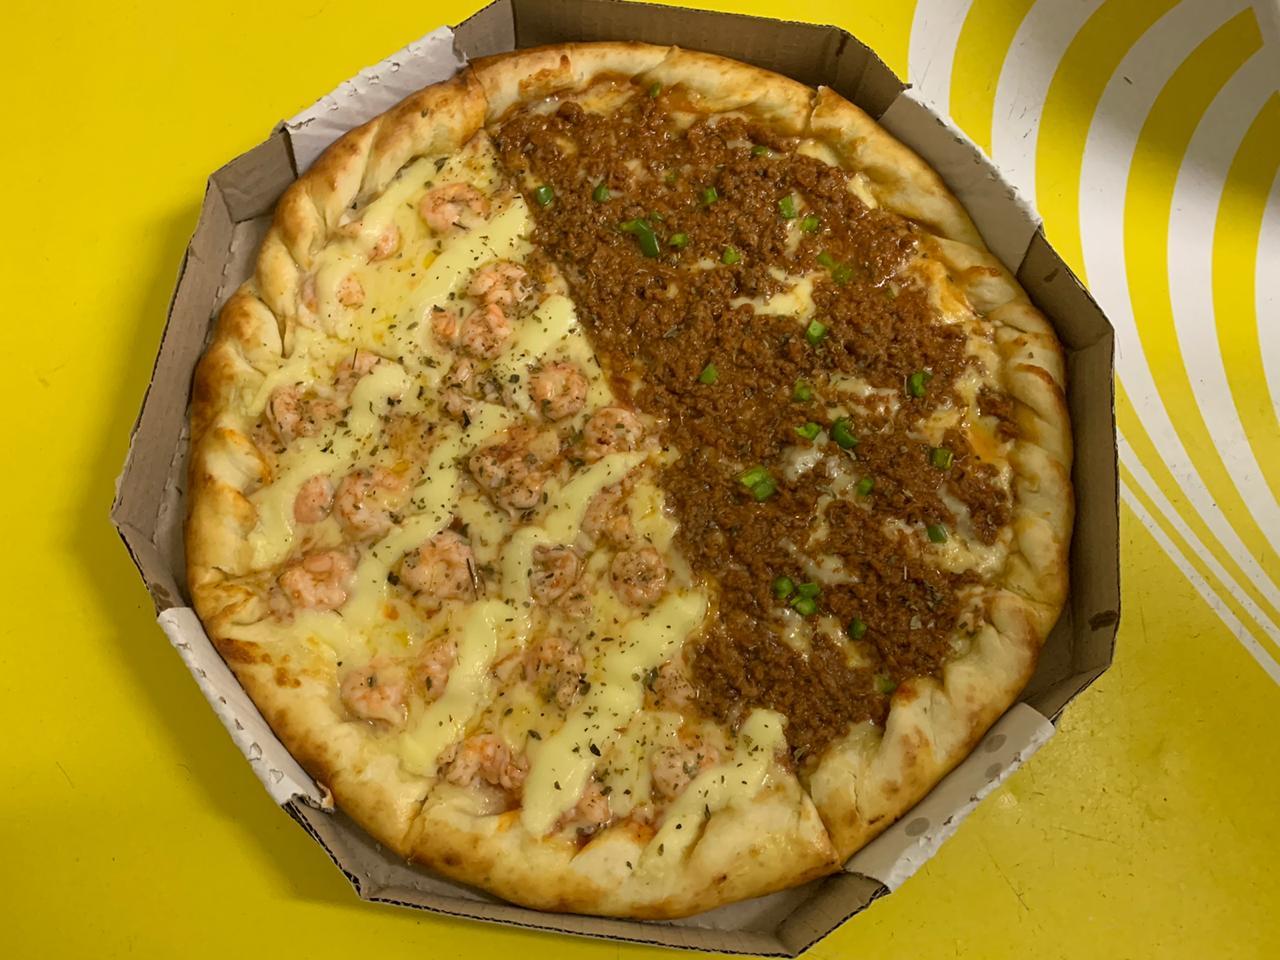 A melhor pizza está na 55 Pizzaria! Qualquer Pizza grande doce ou salgada + borda de Requeijão de até R$38 por apenas R$26,90